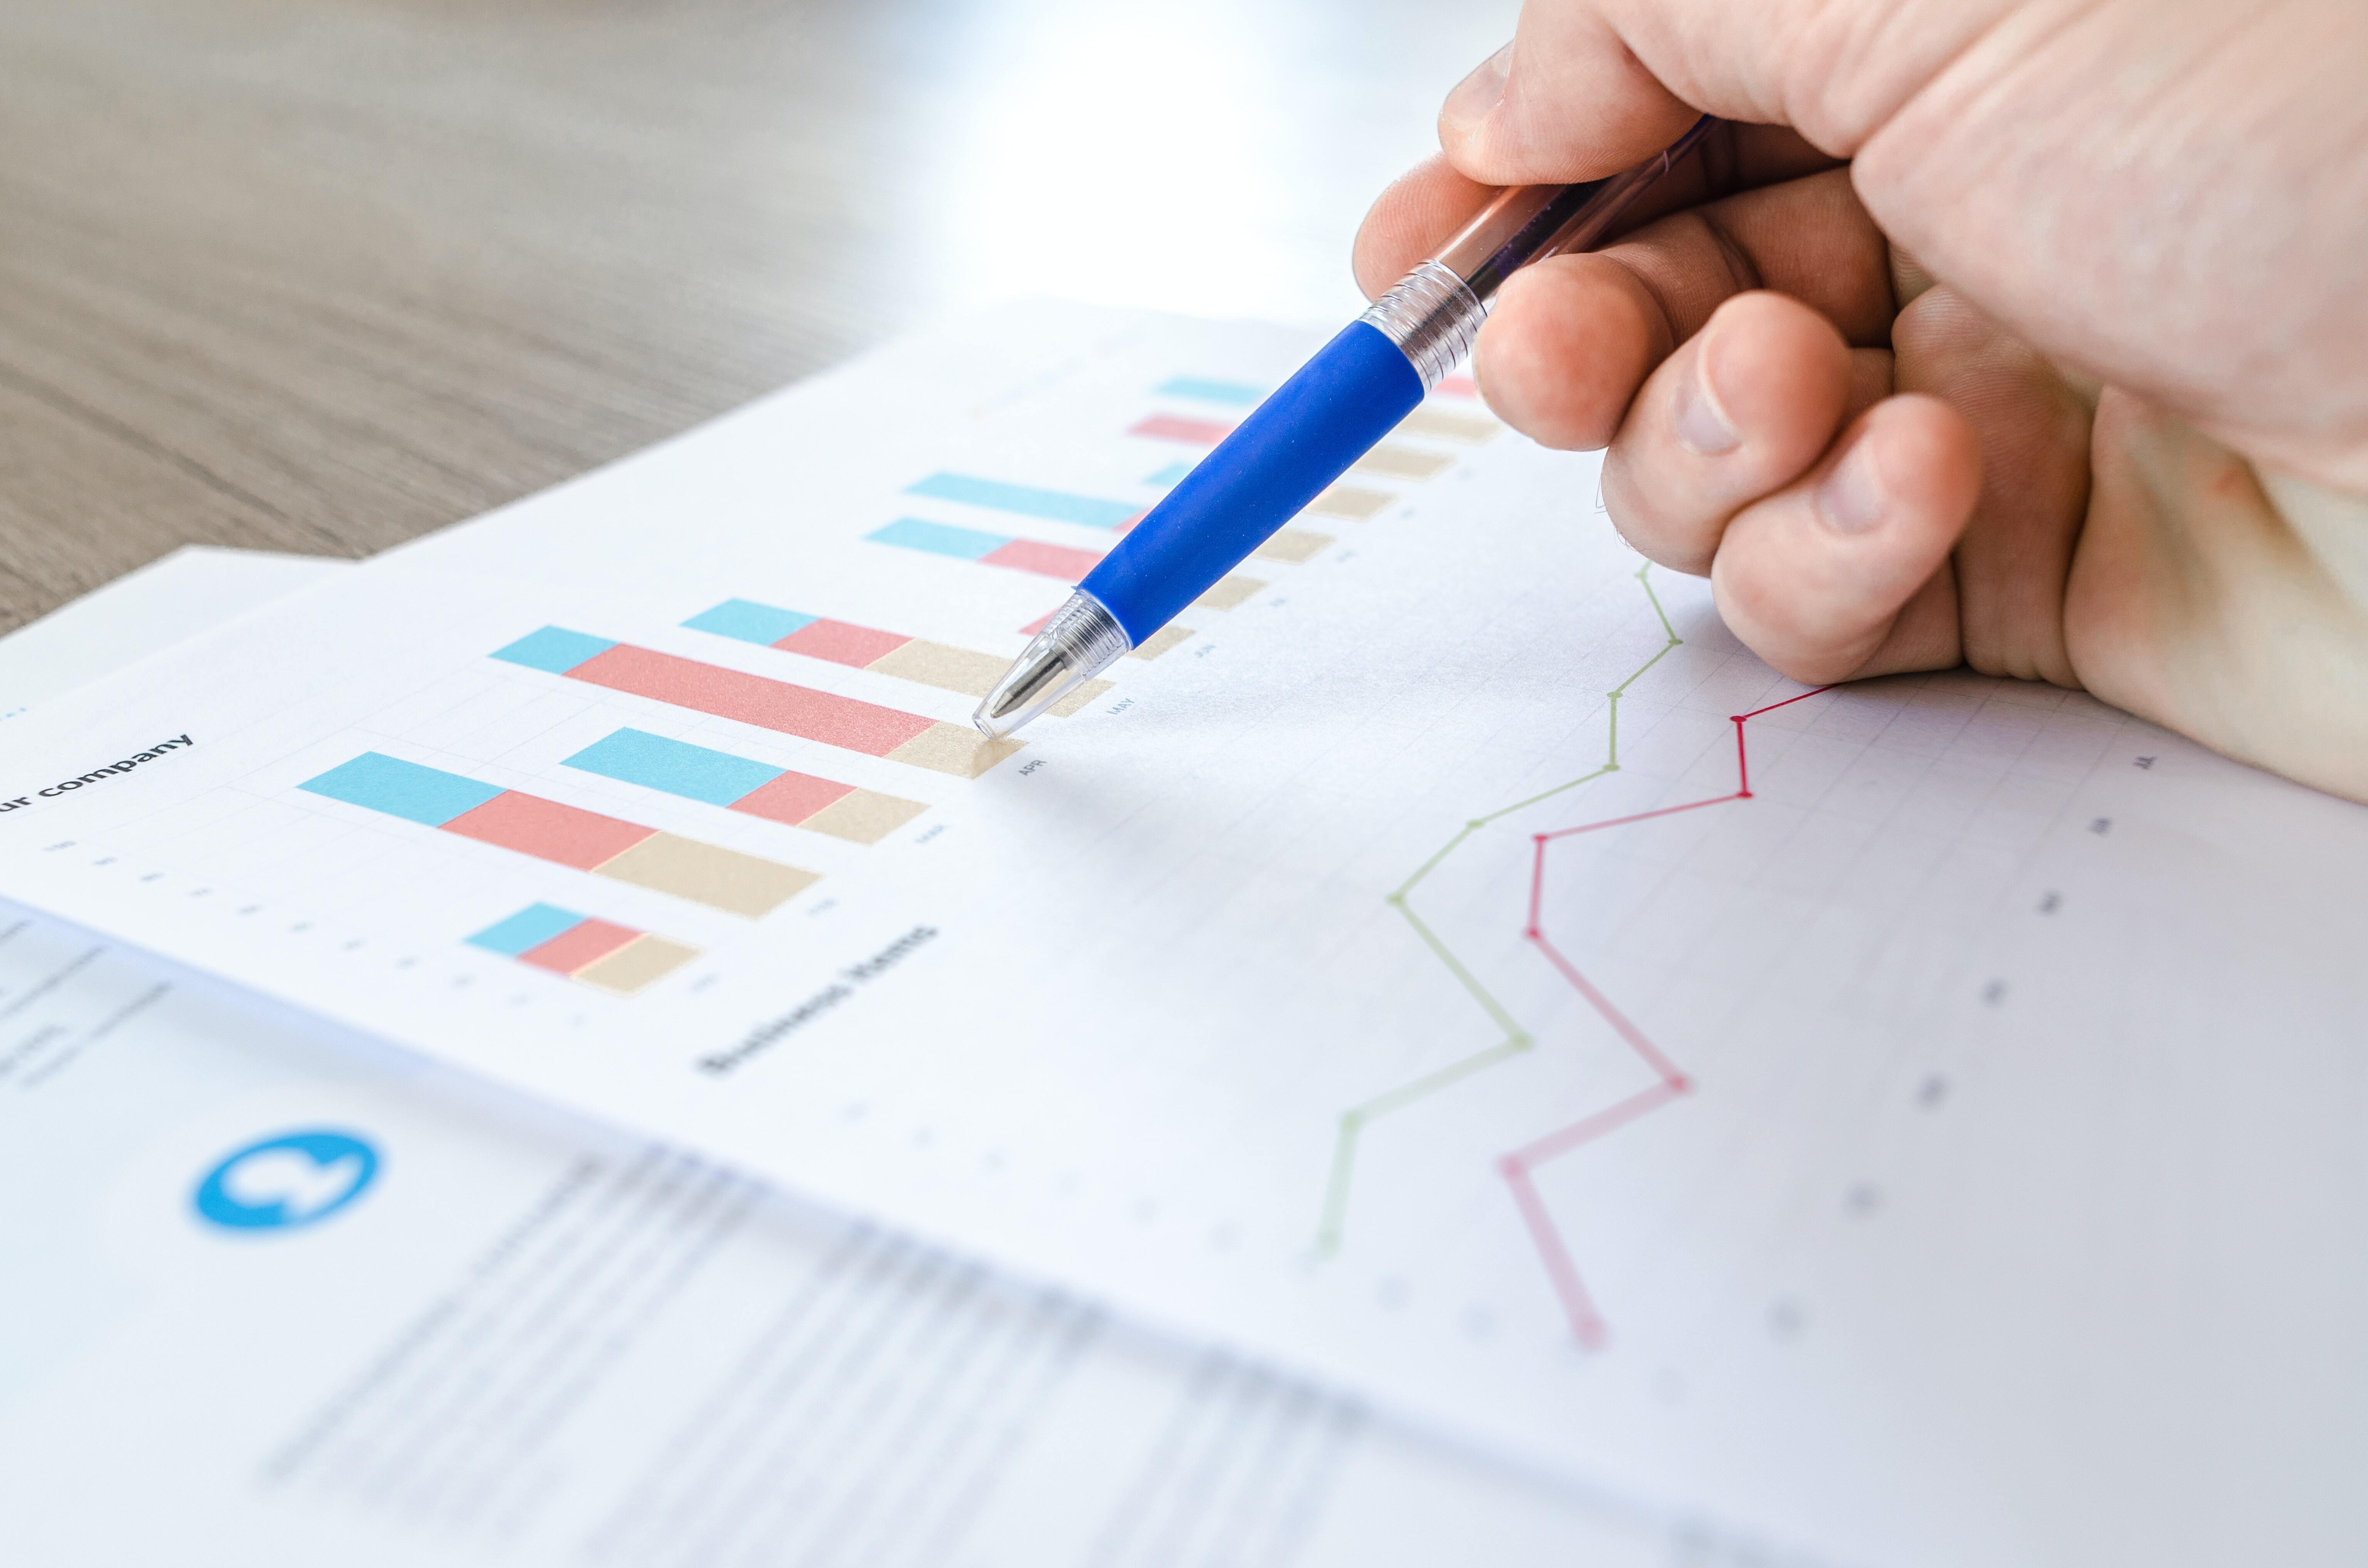 A sheet of charts